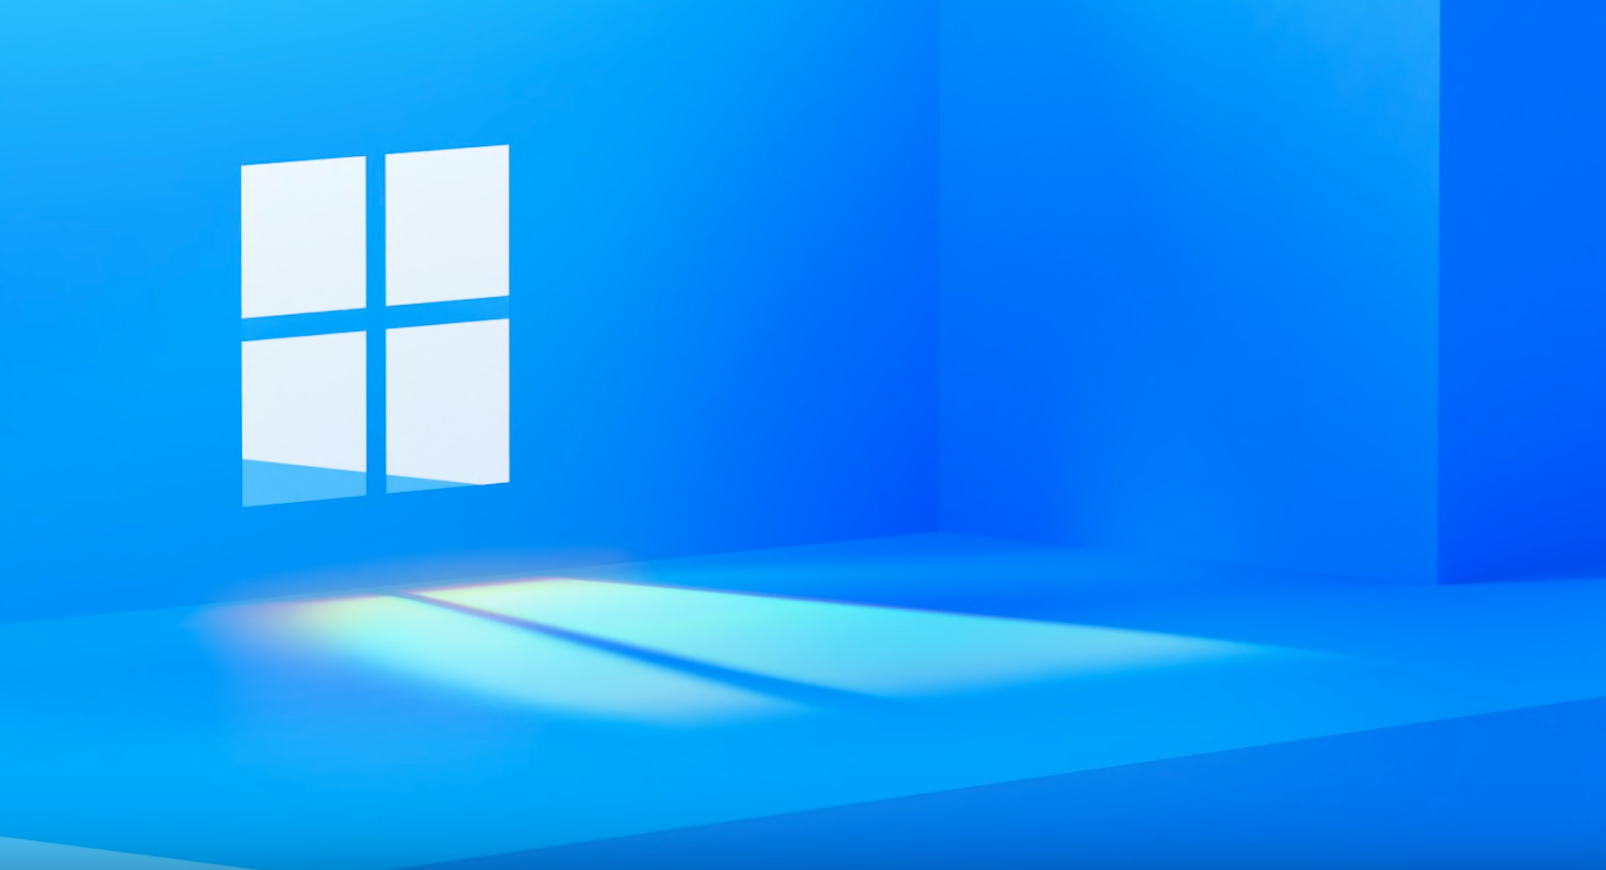 اخر الاخبار عن Windows 11 المنتظر